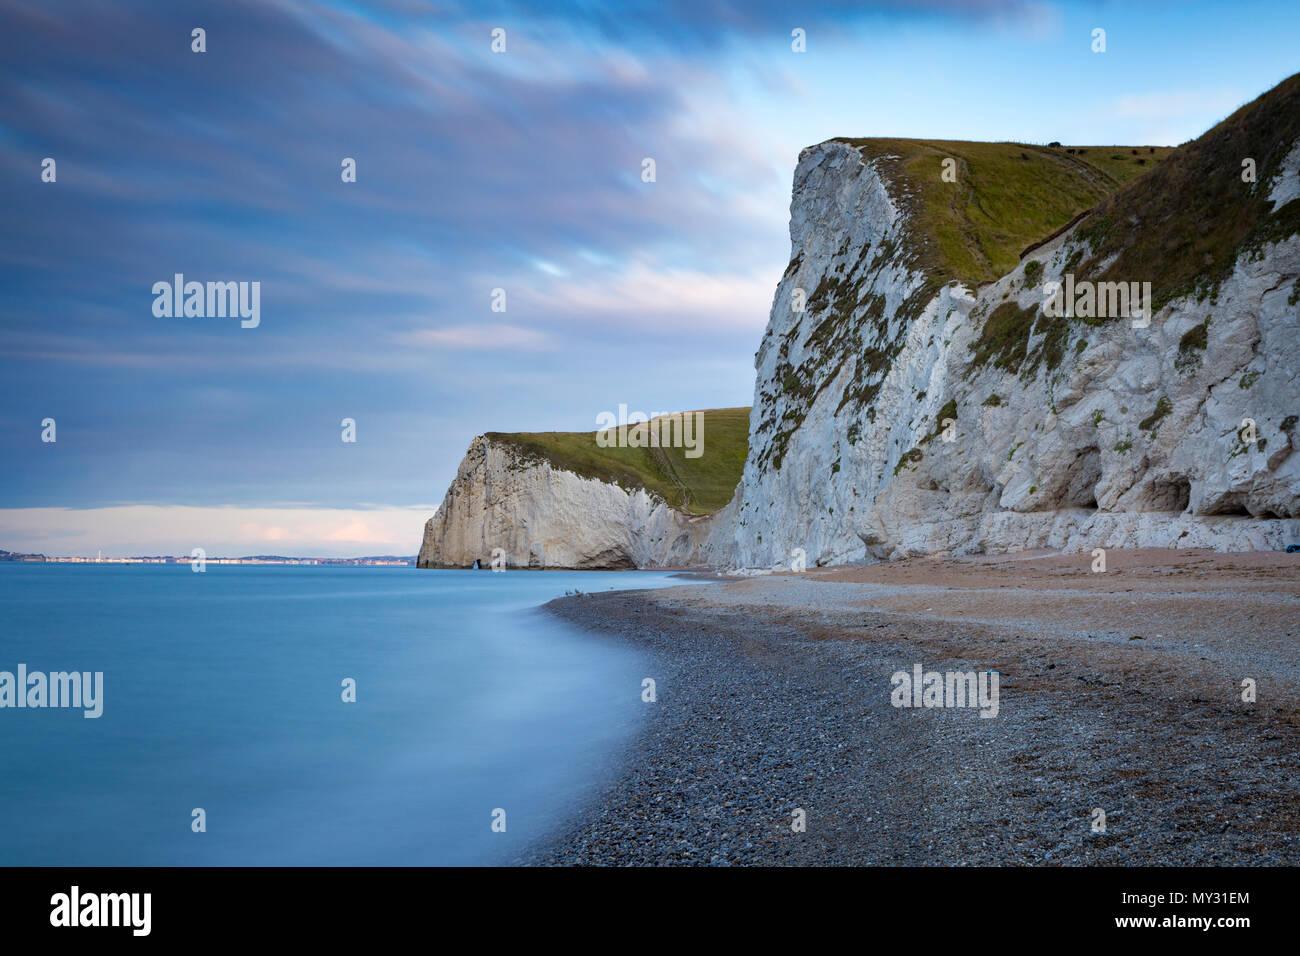 Amanecer sobre Bats Head, Swyre Head, y la Costa Jurásica cerca de Durdle Door, Dorset, Inglaterra Foto de stock